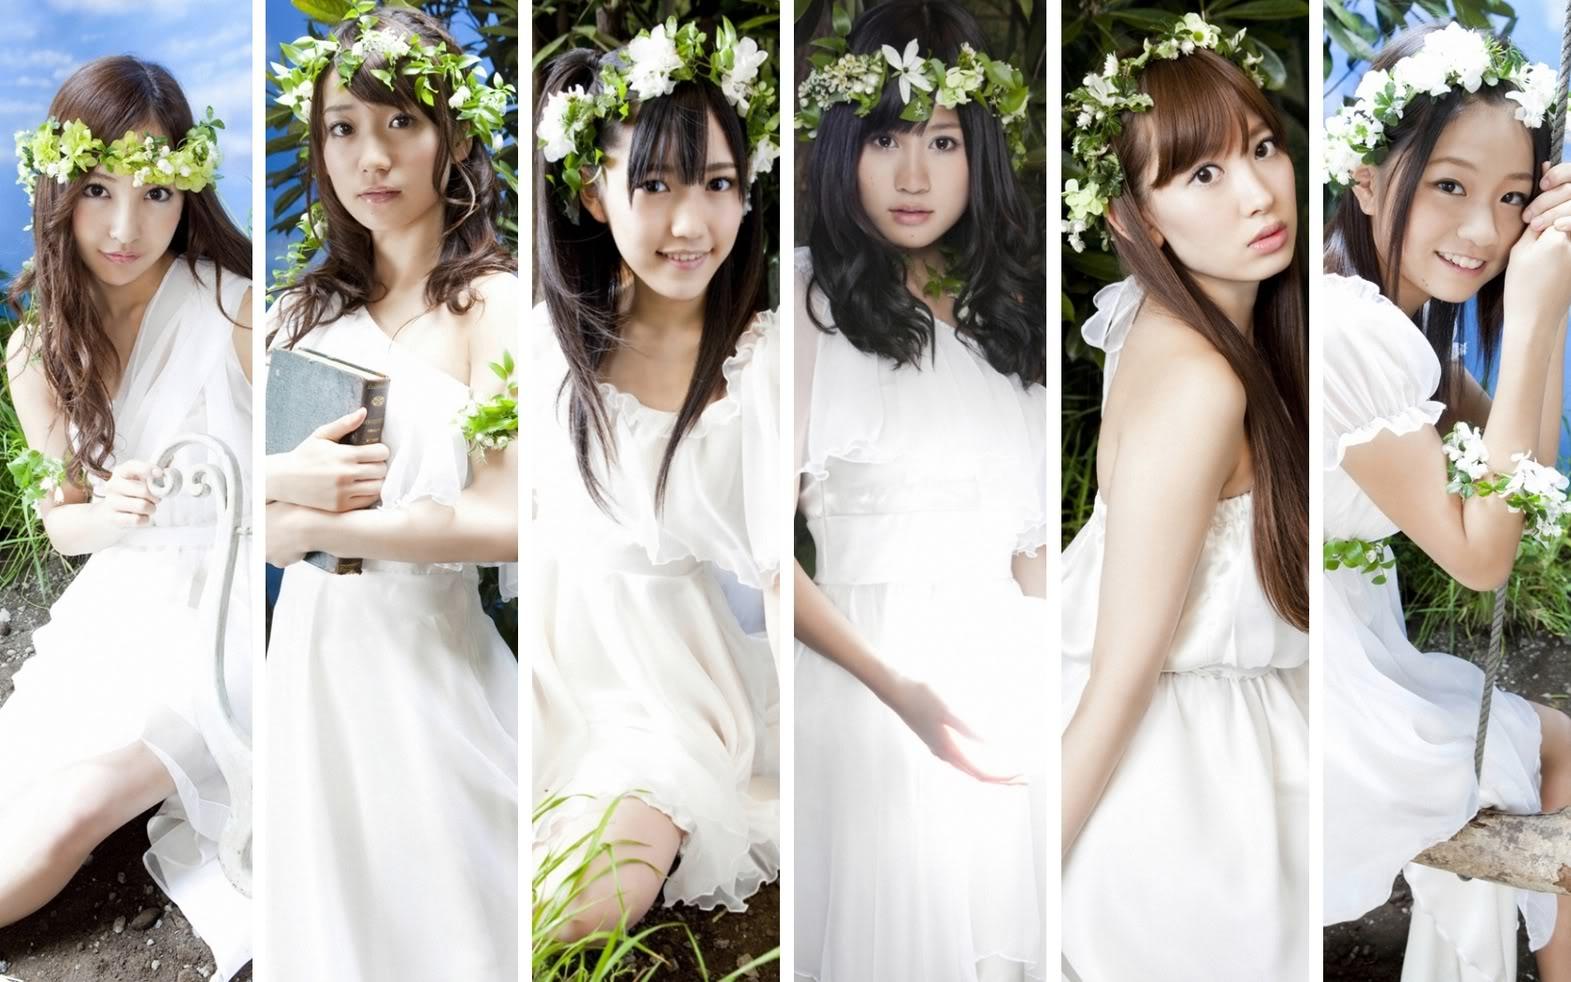 花と草の冠に白いふわふわの衣装で女神のようなAKB48